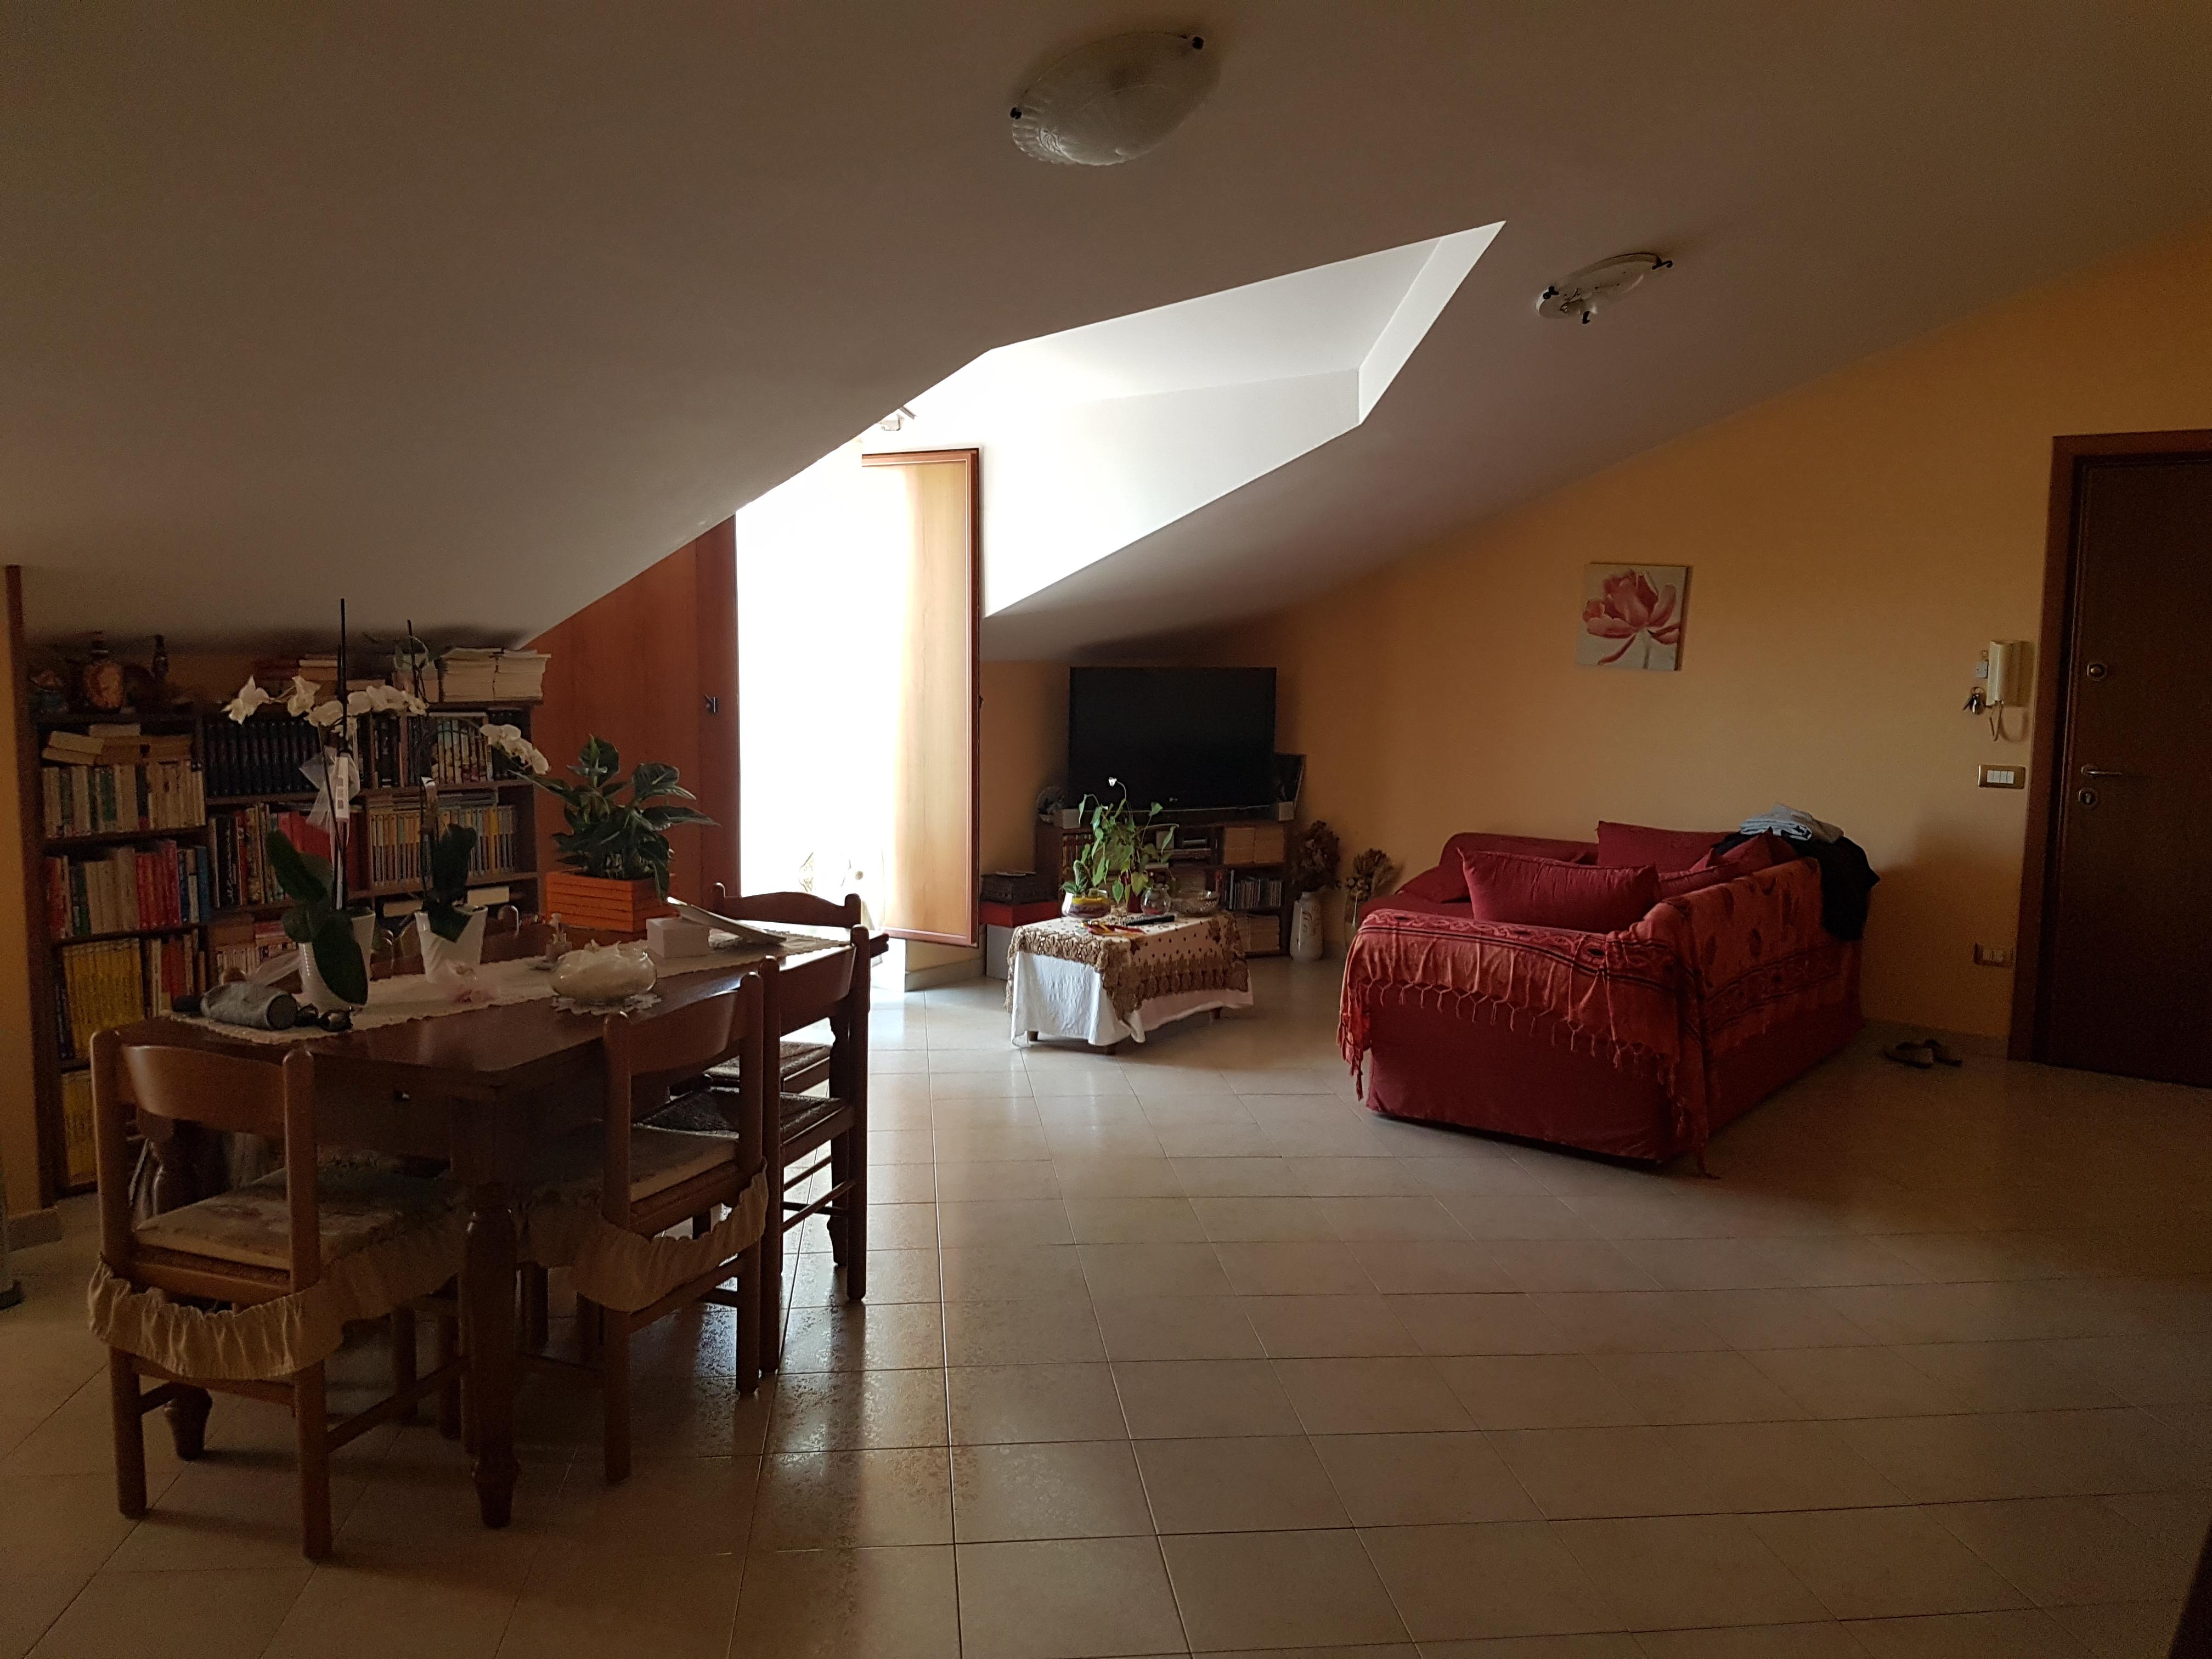 Appartamento, Mansarda, Hot Offer!, Vendita, Via Amerigo Vespucci, 13, 84098 Sant'Antonio SA, Italia